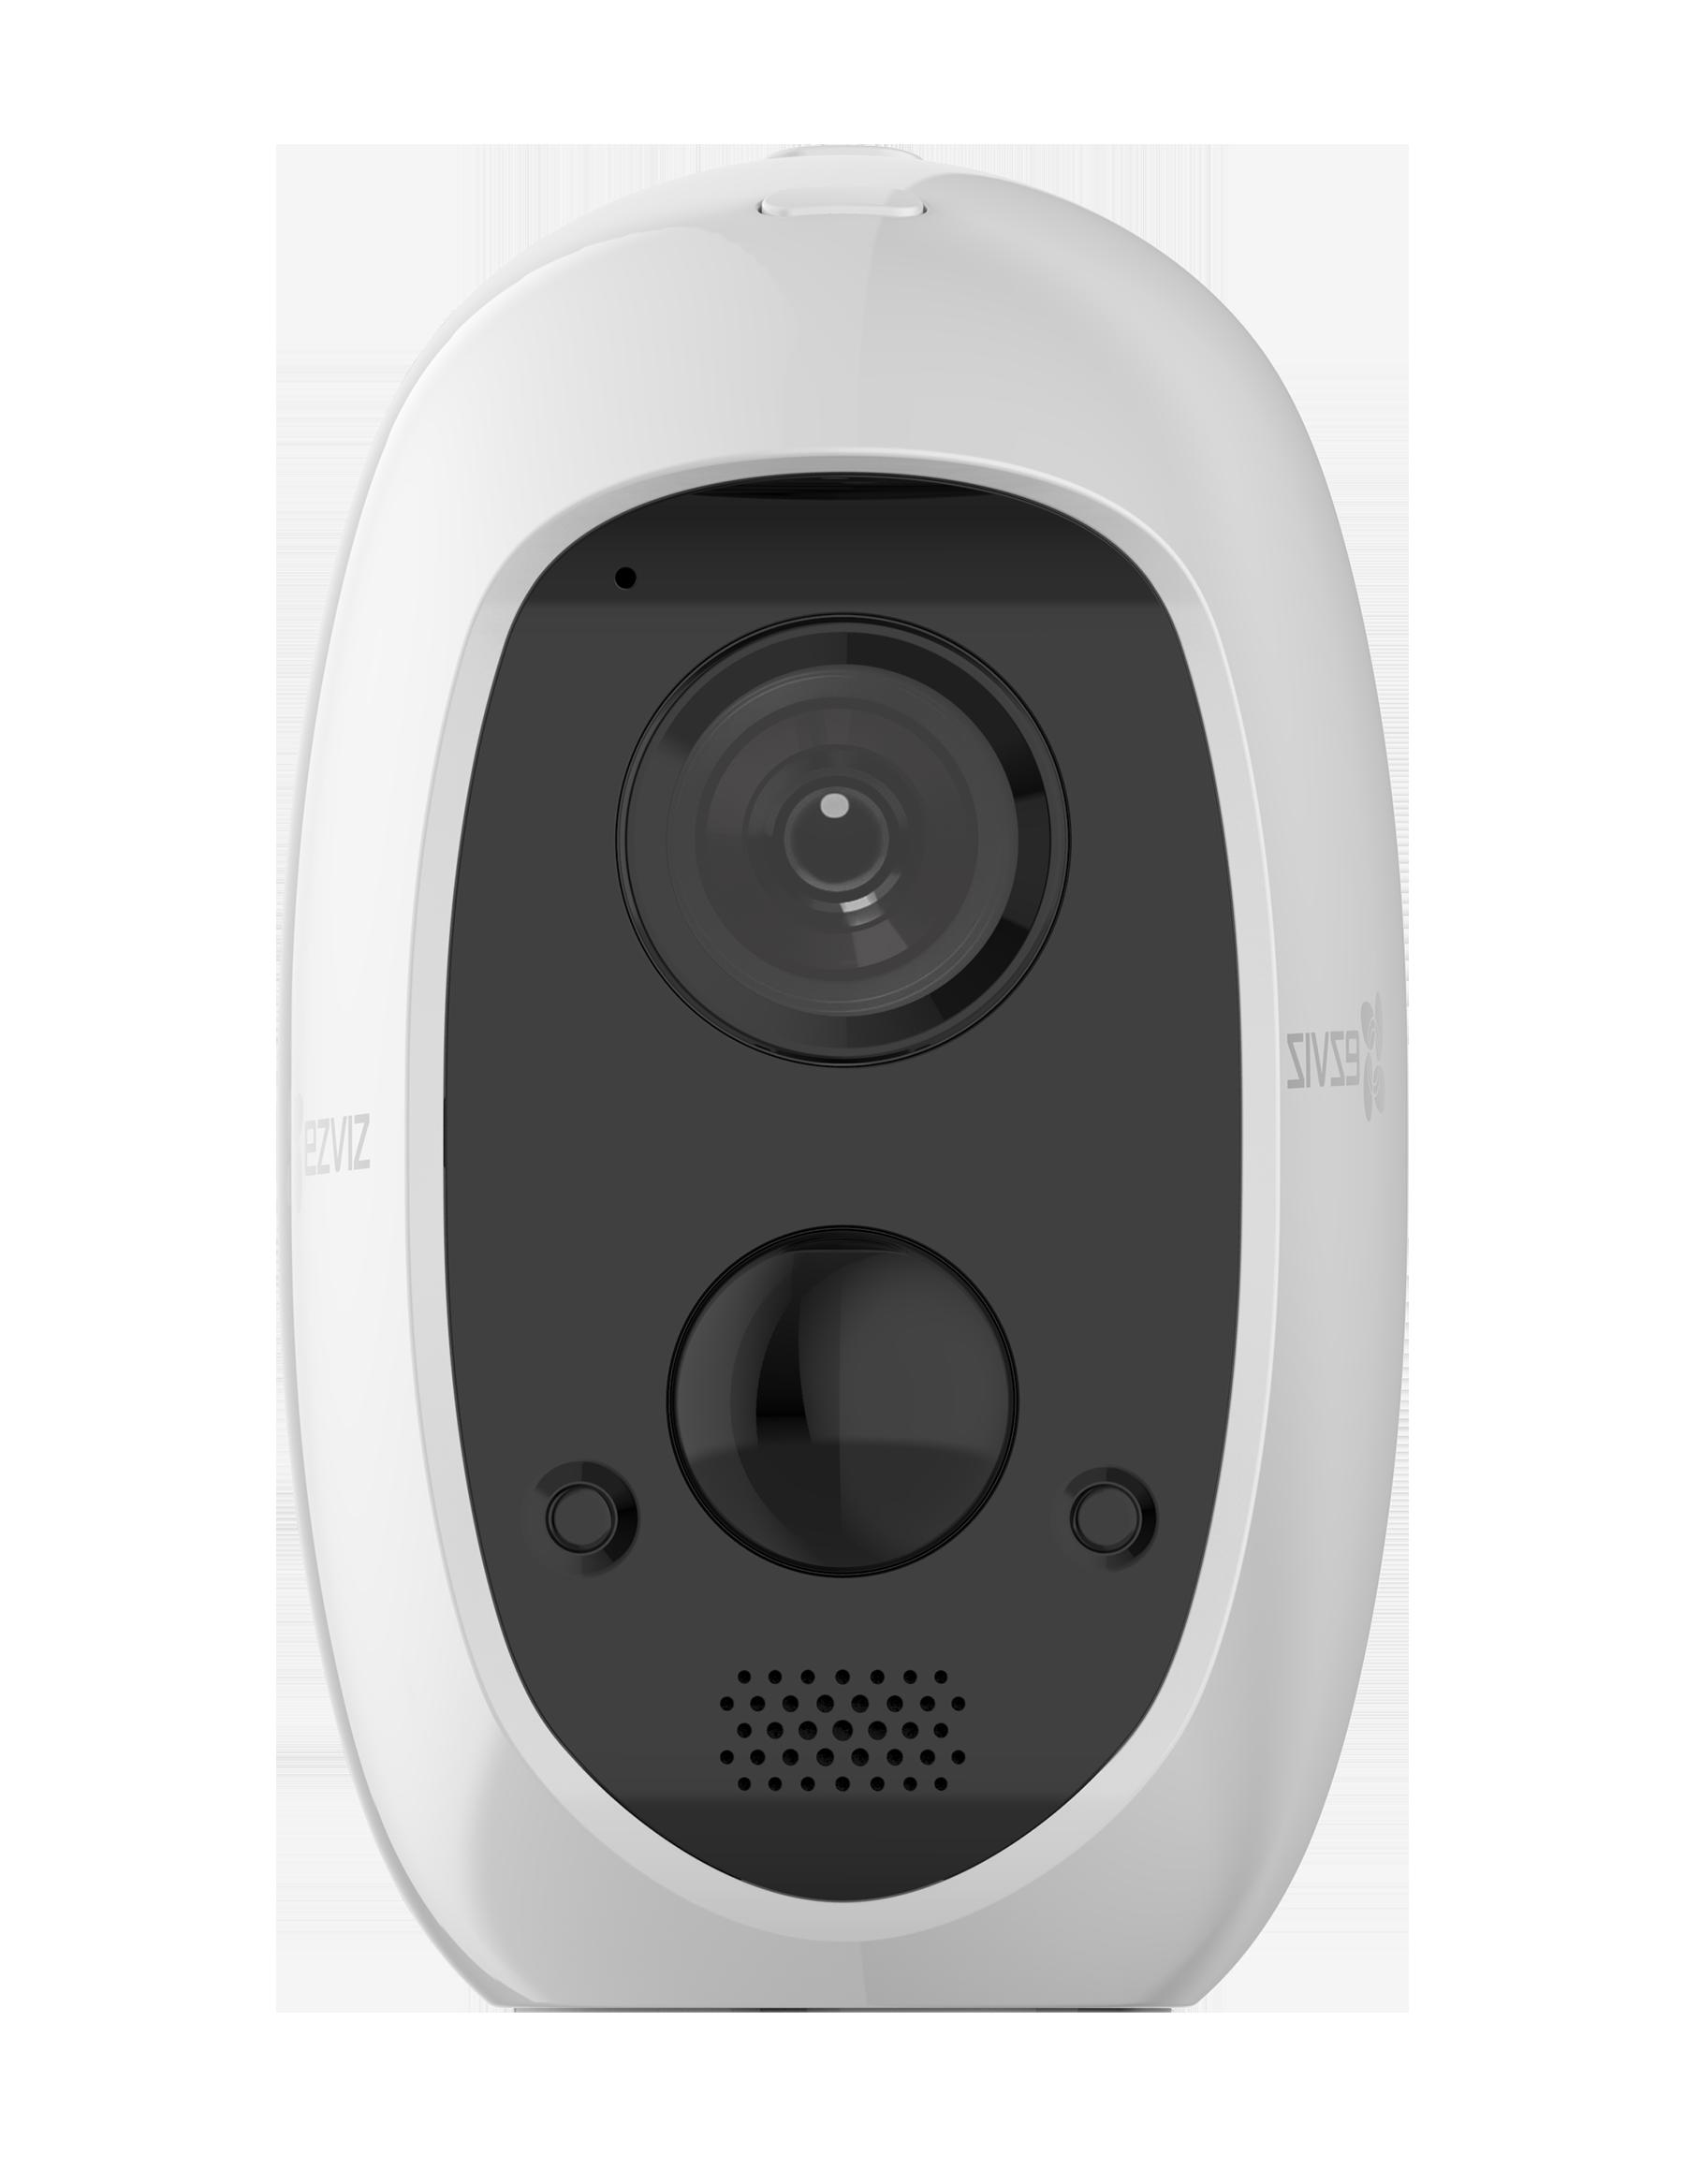 إيزيفز كاميرا المراقبة اللاسلكية تعمل بالبطارية اكسترا السعودية